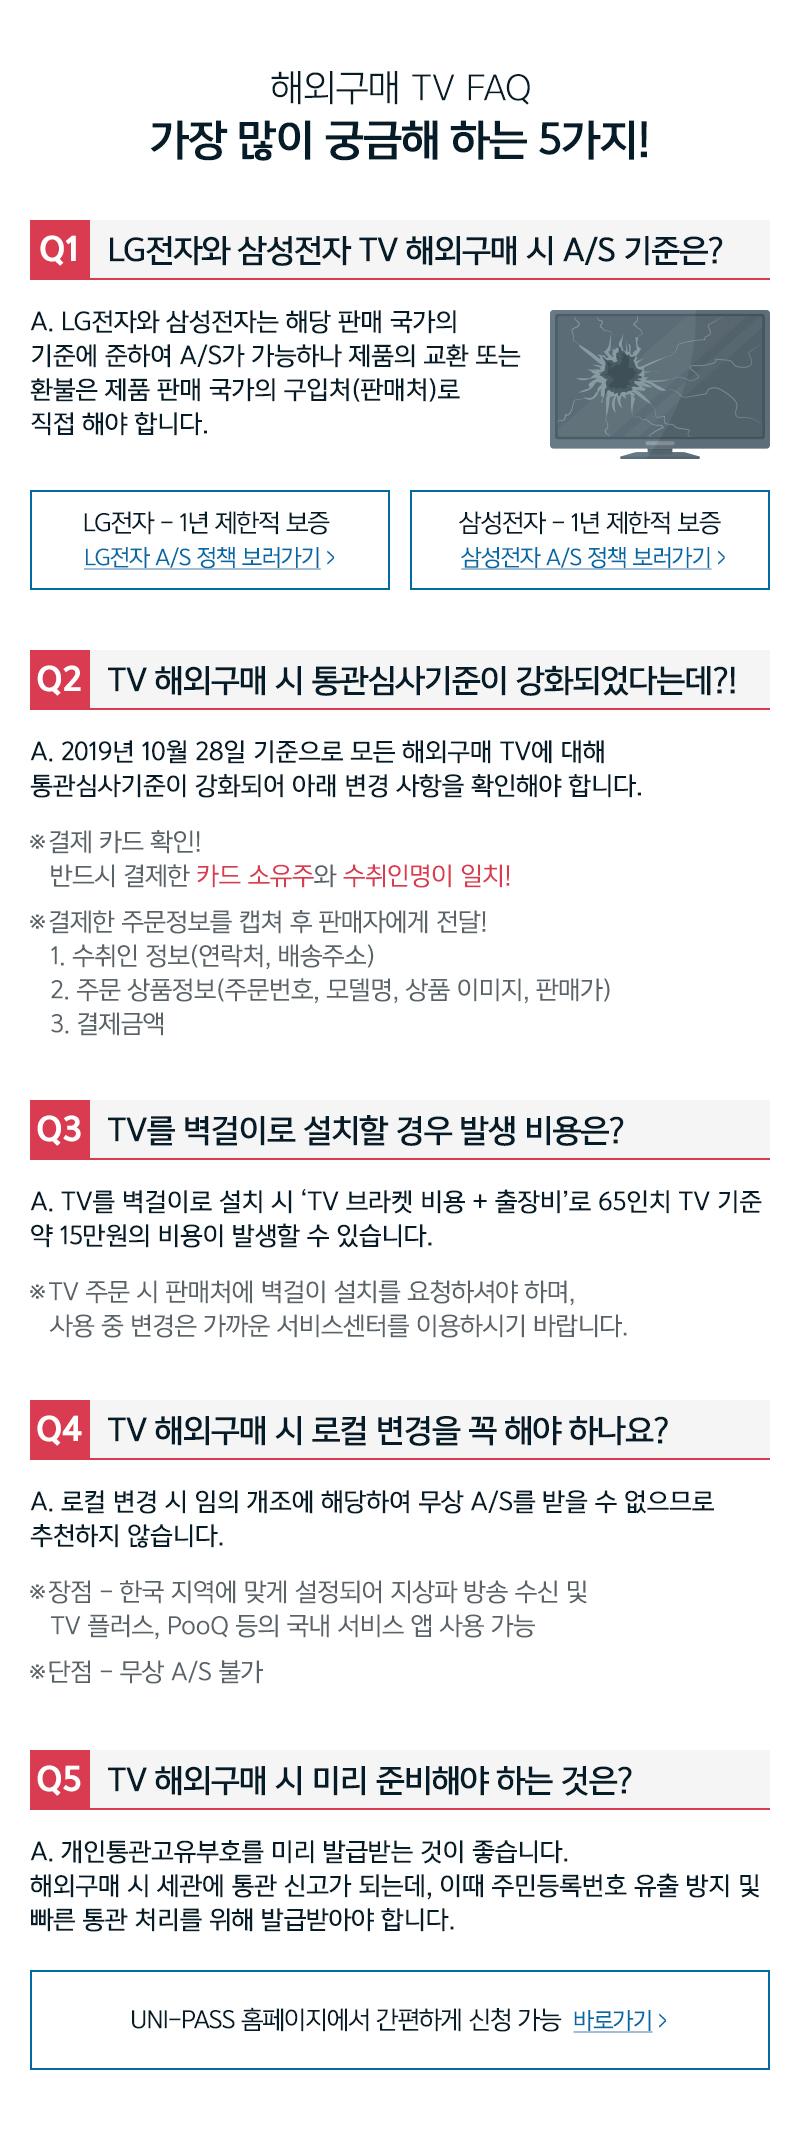 해외구매 TV FAQ, 가장 많이 궁금해 하는 5가지!